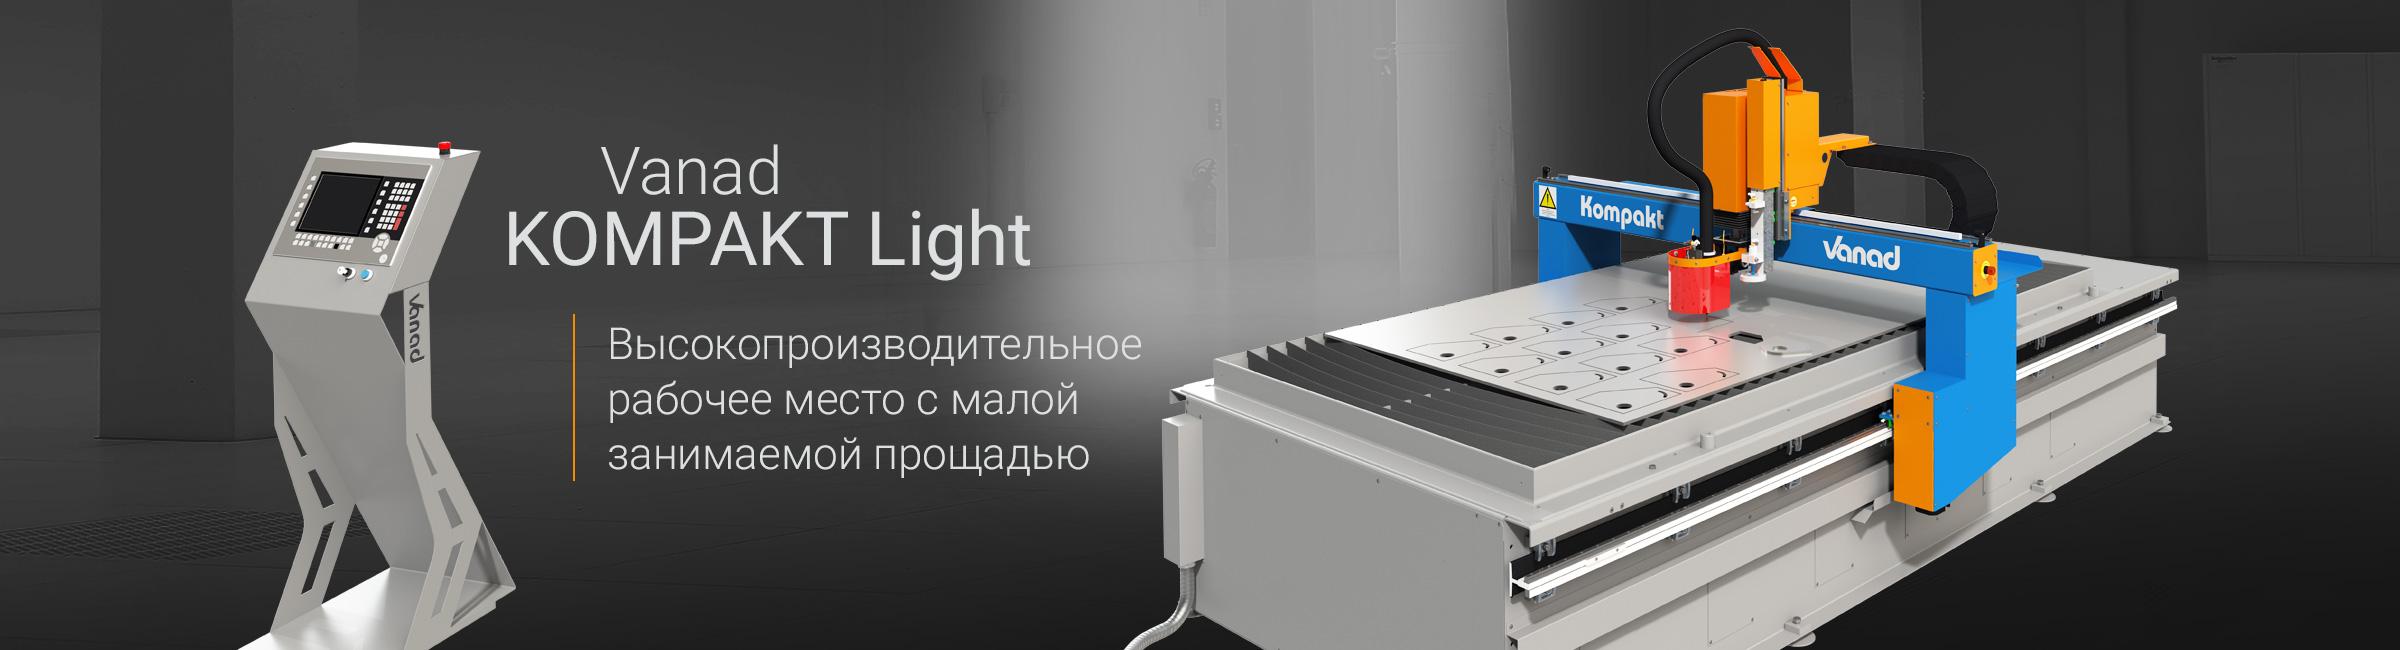 Kompakt Light - ru